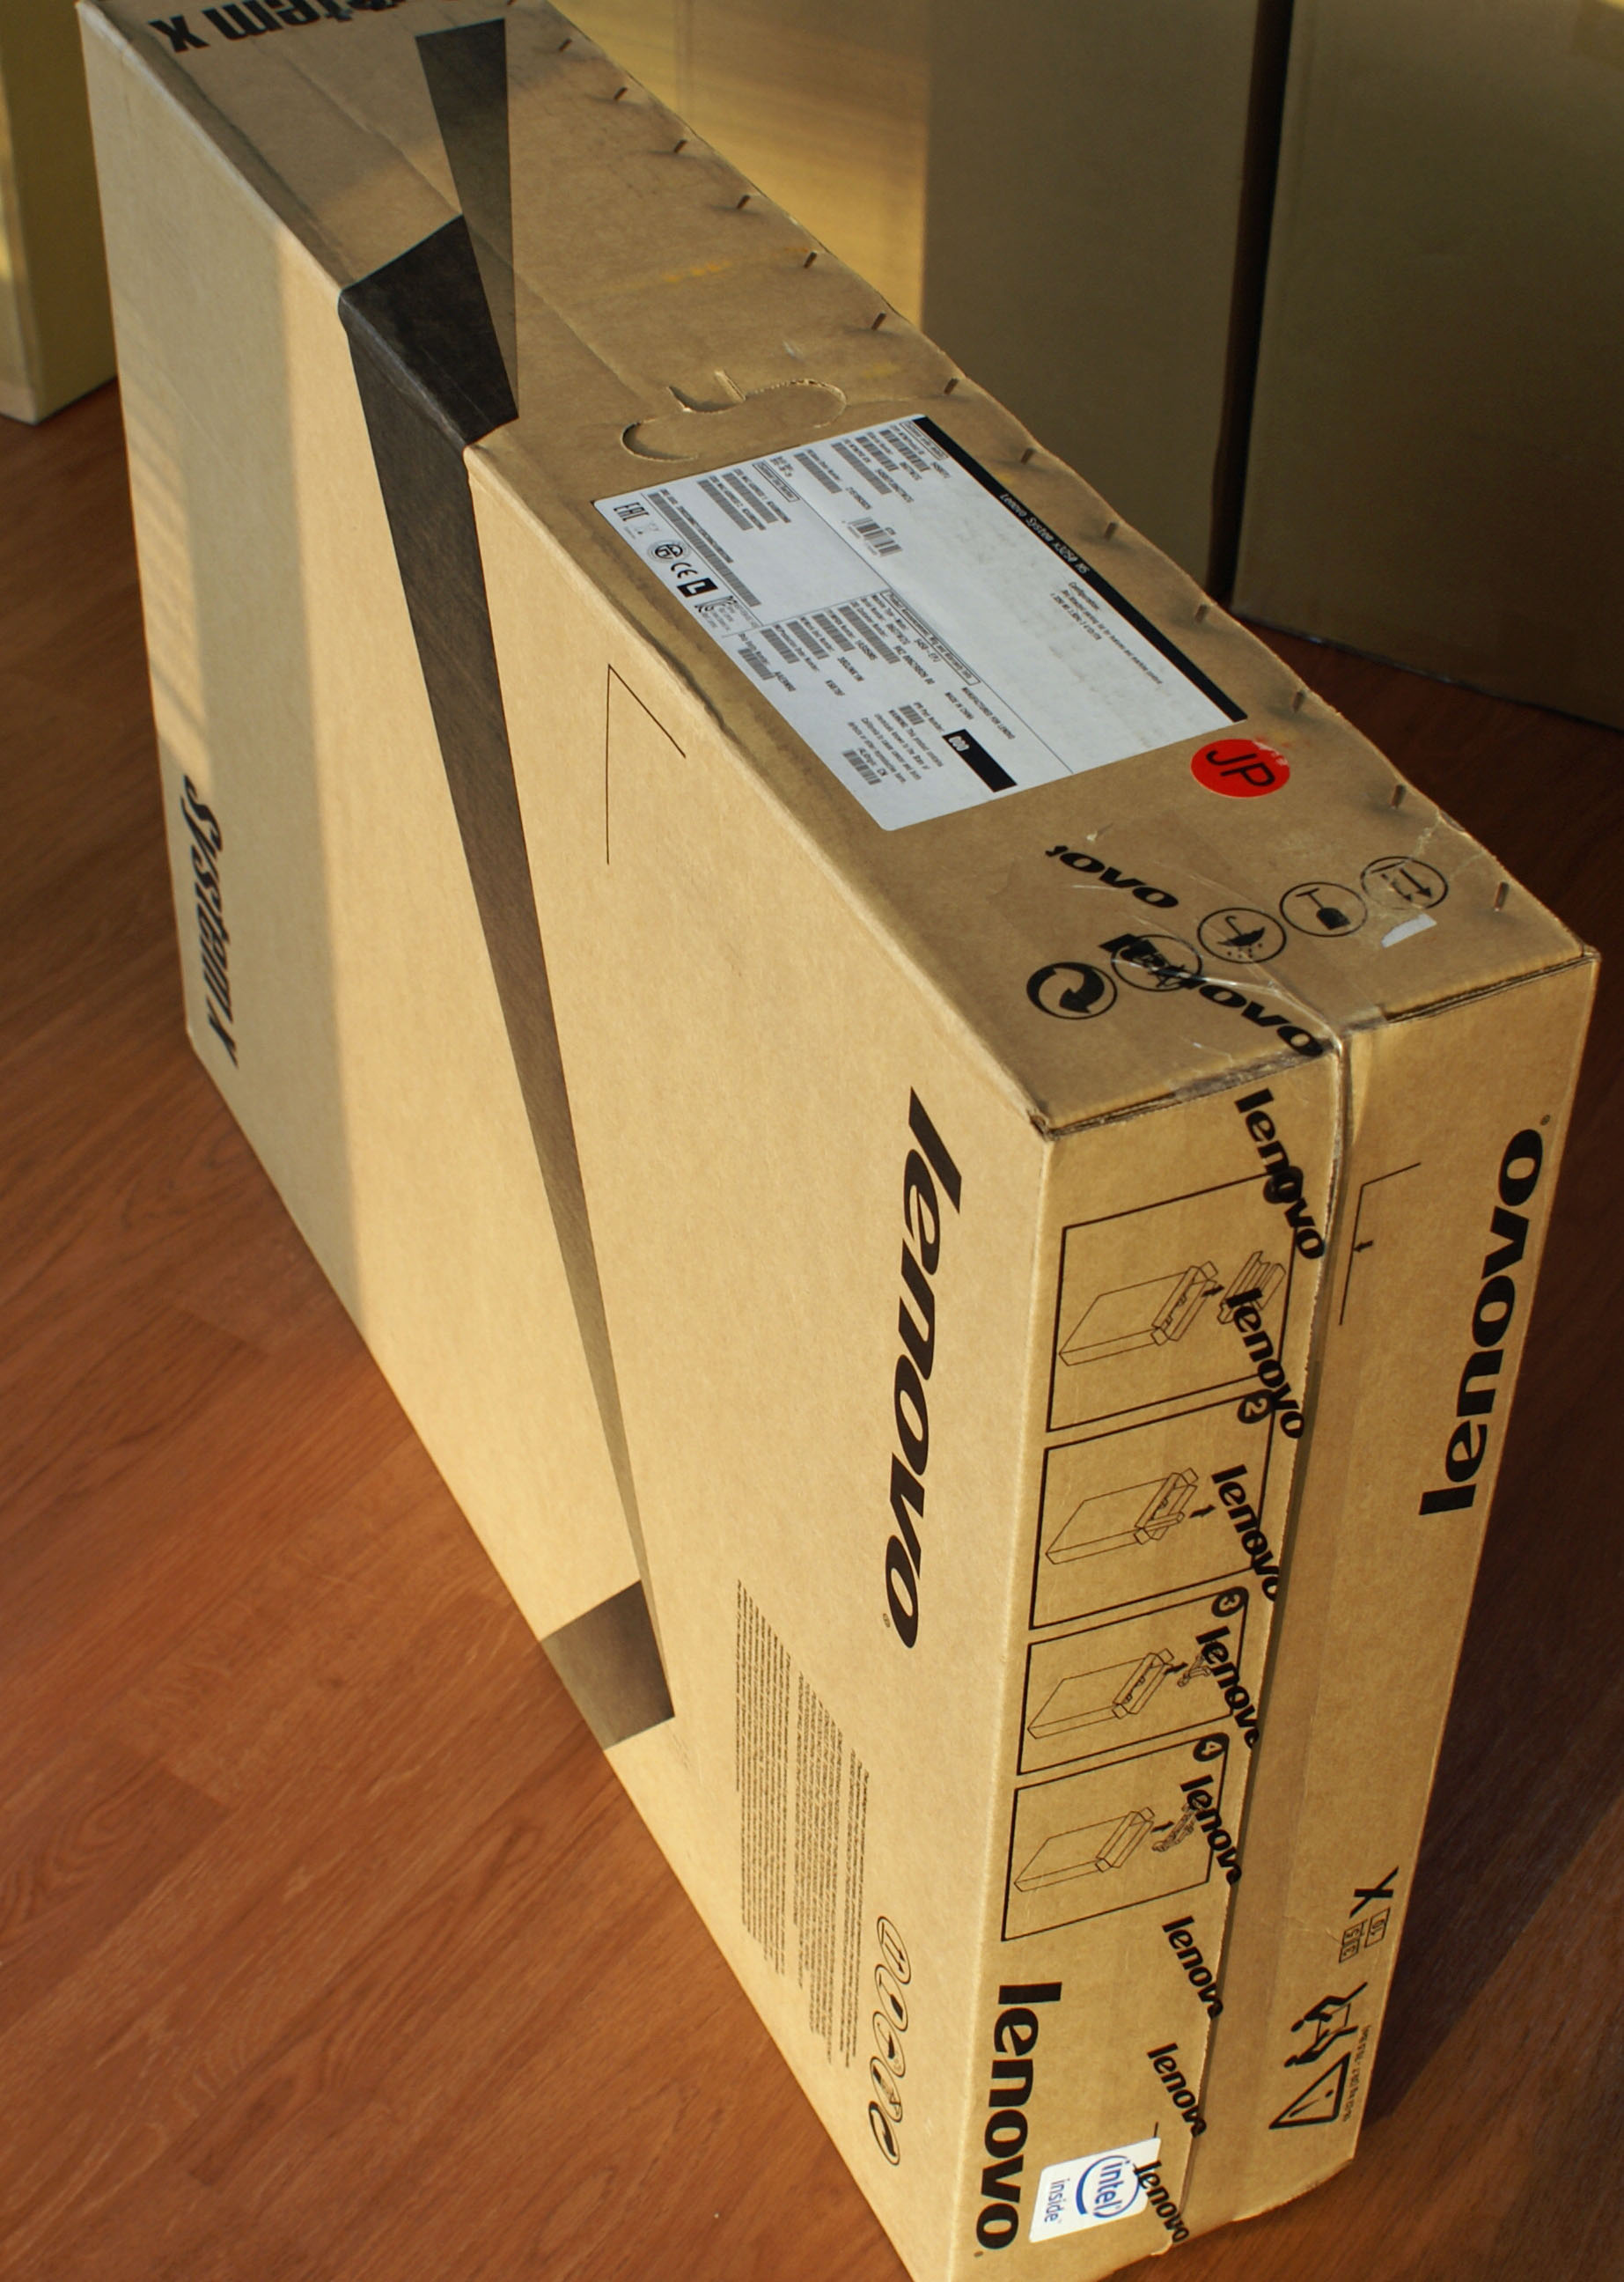 【新品】IBM System x3250 M5 モデル EPJ ファースト・セレクト 5458EPJ